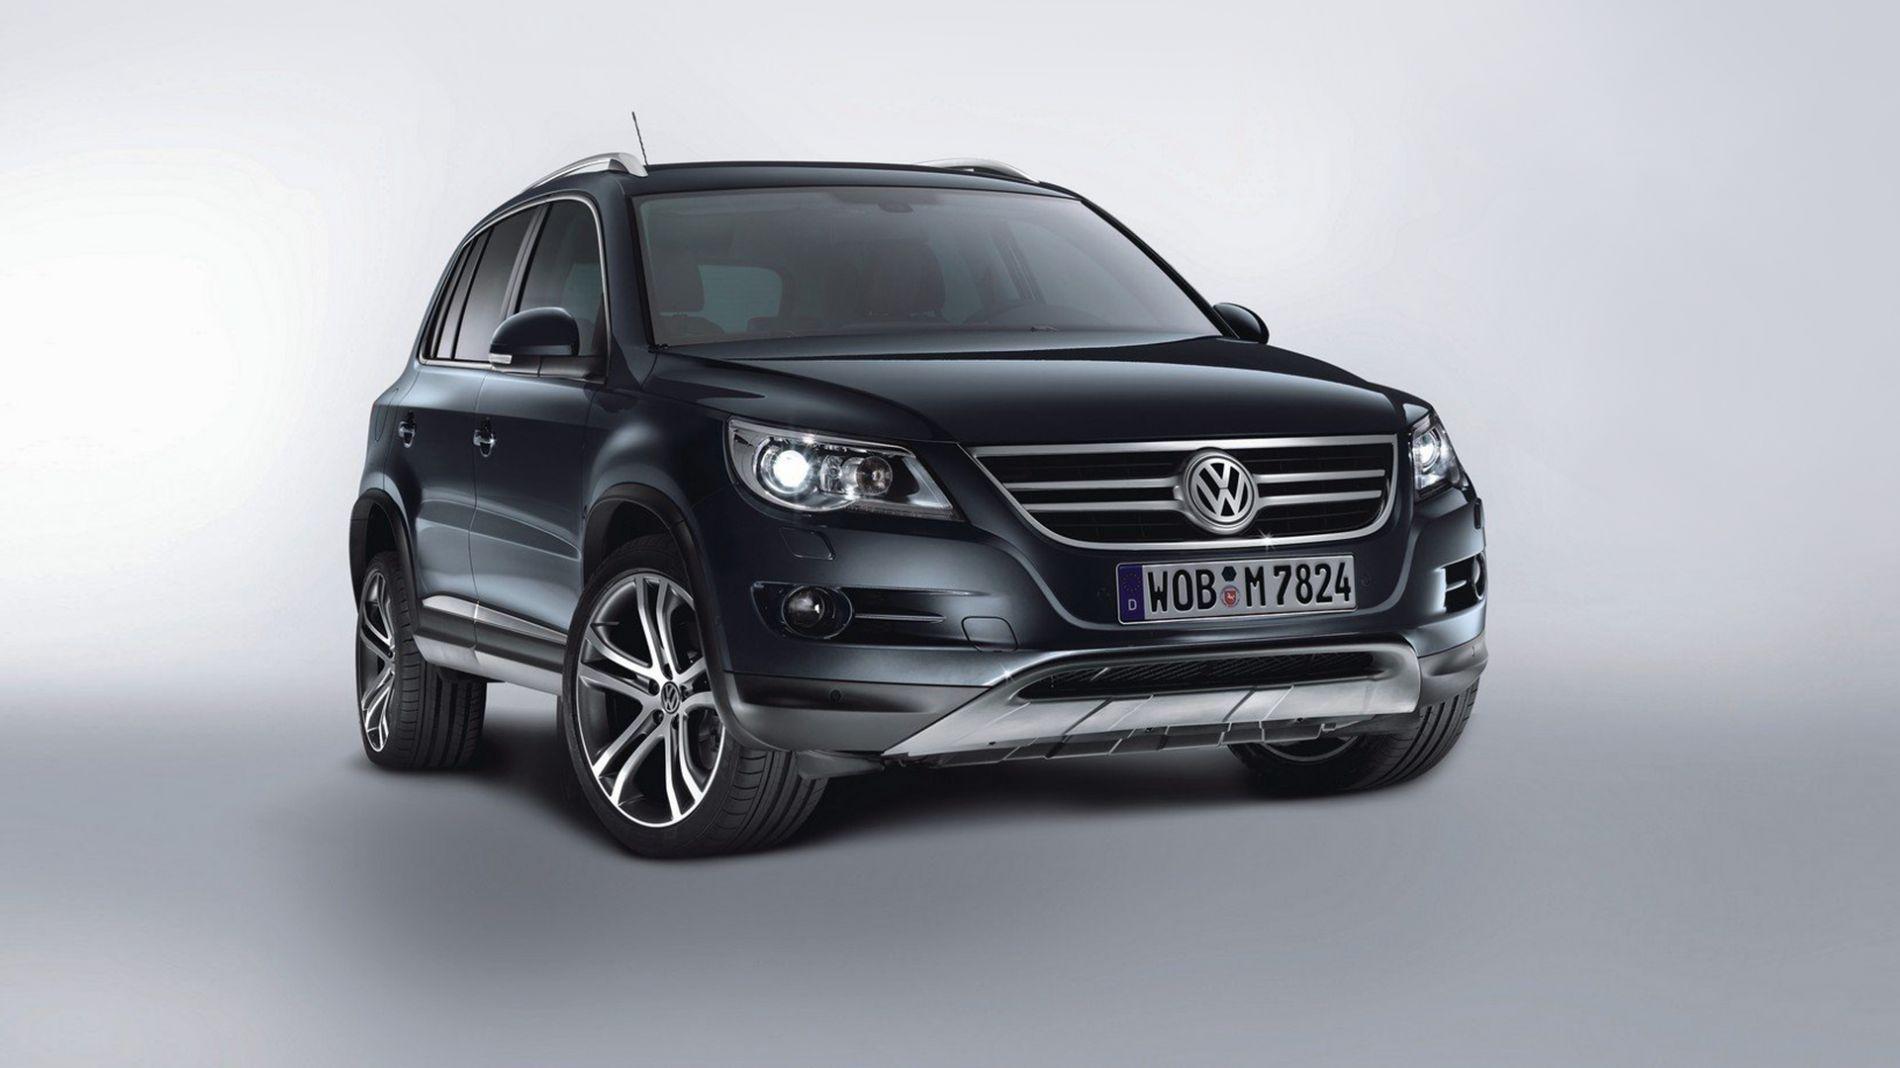 ღირს თუ არა მეორადი VW Tiguan-ის შეძენა ?